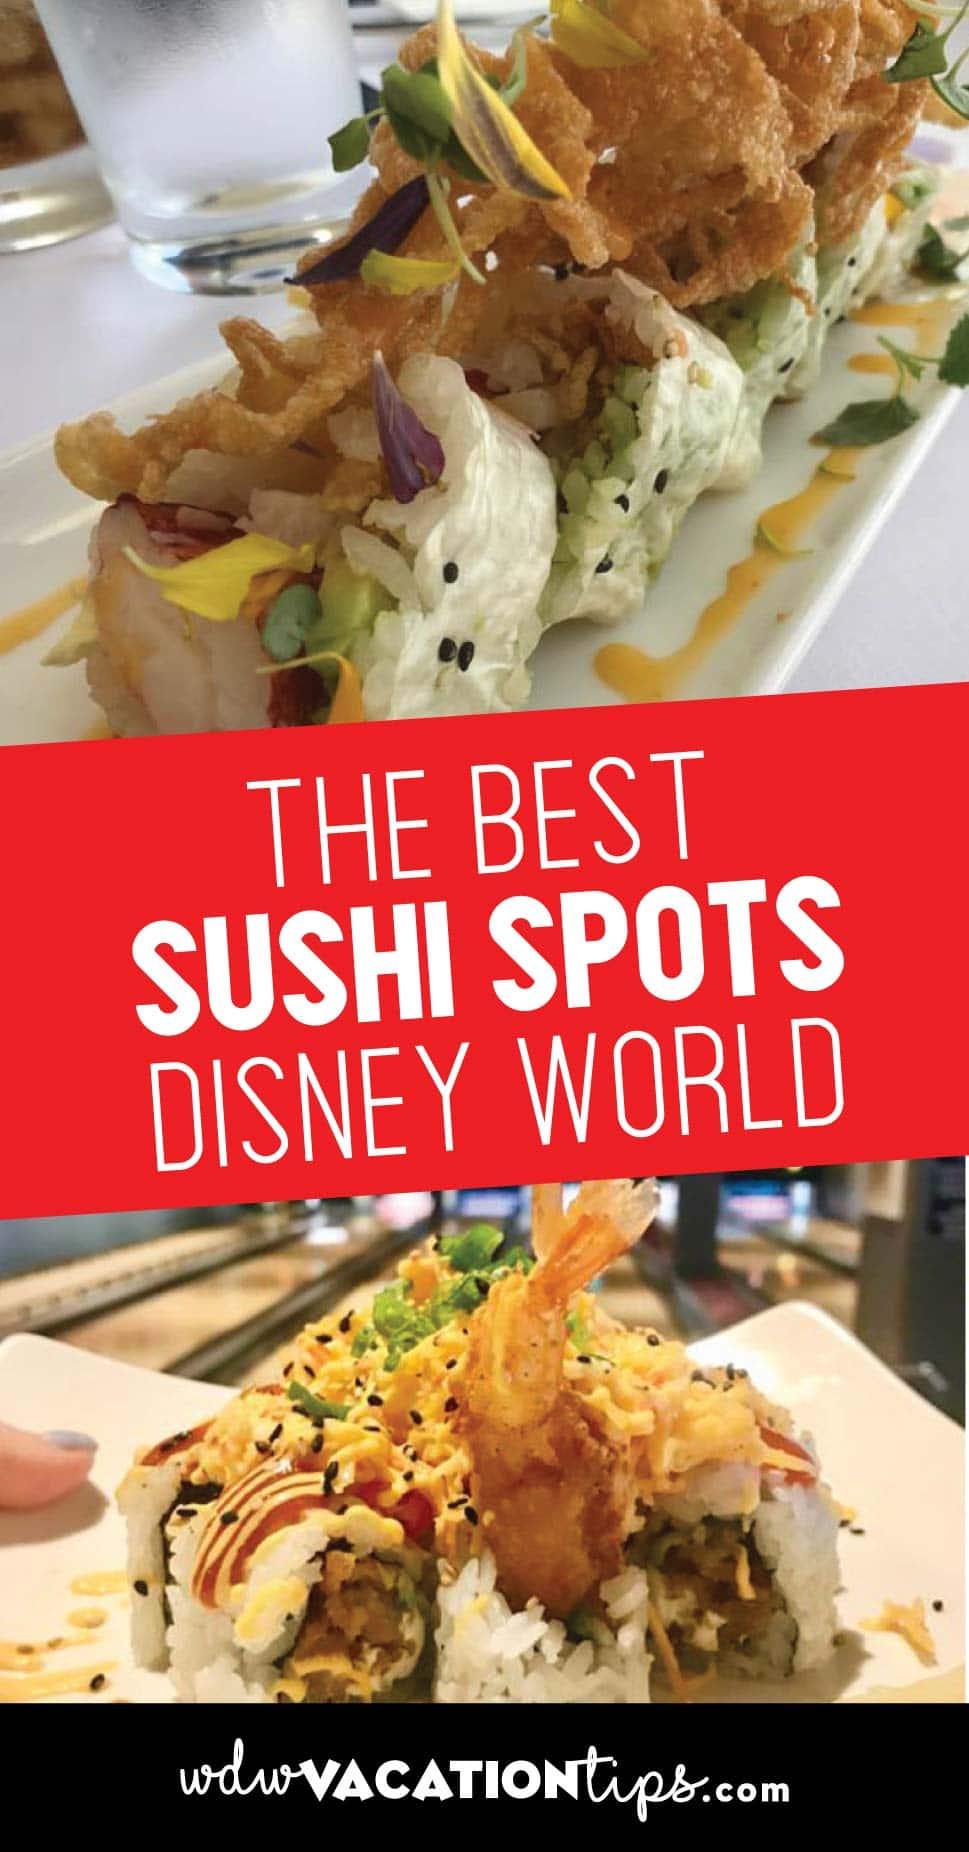 Disney World Sushi